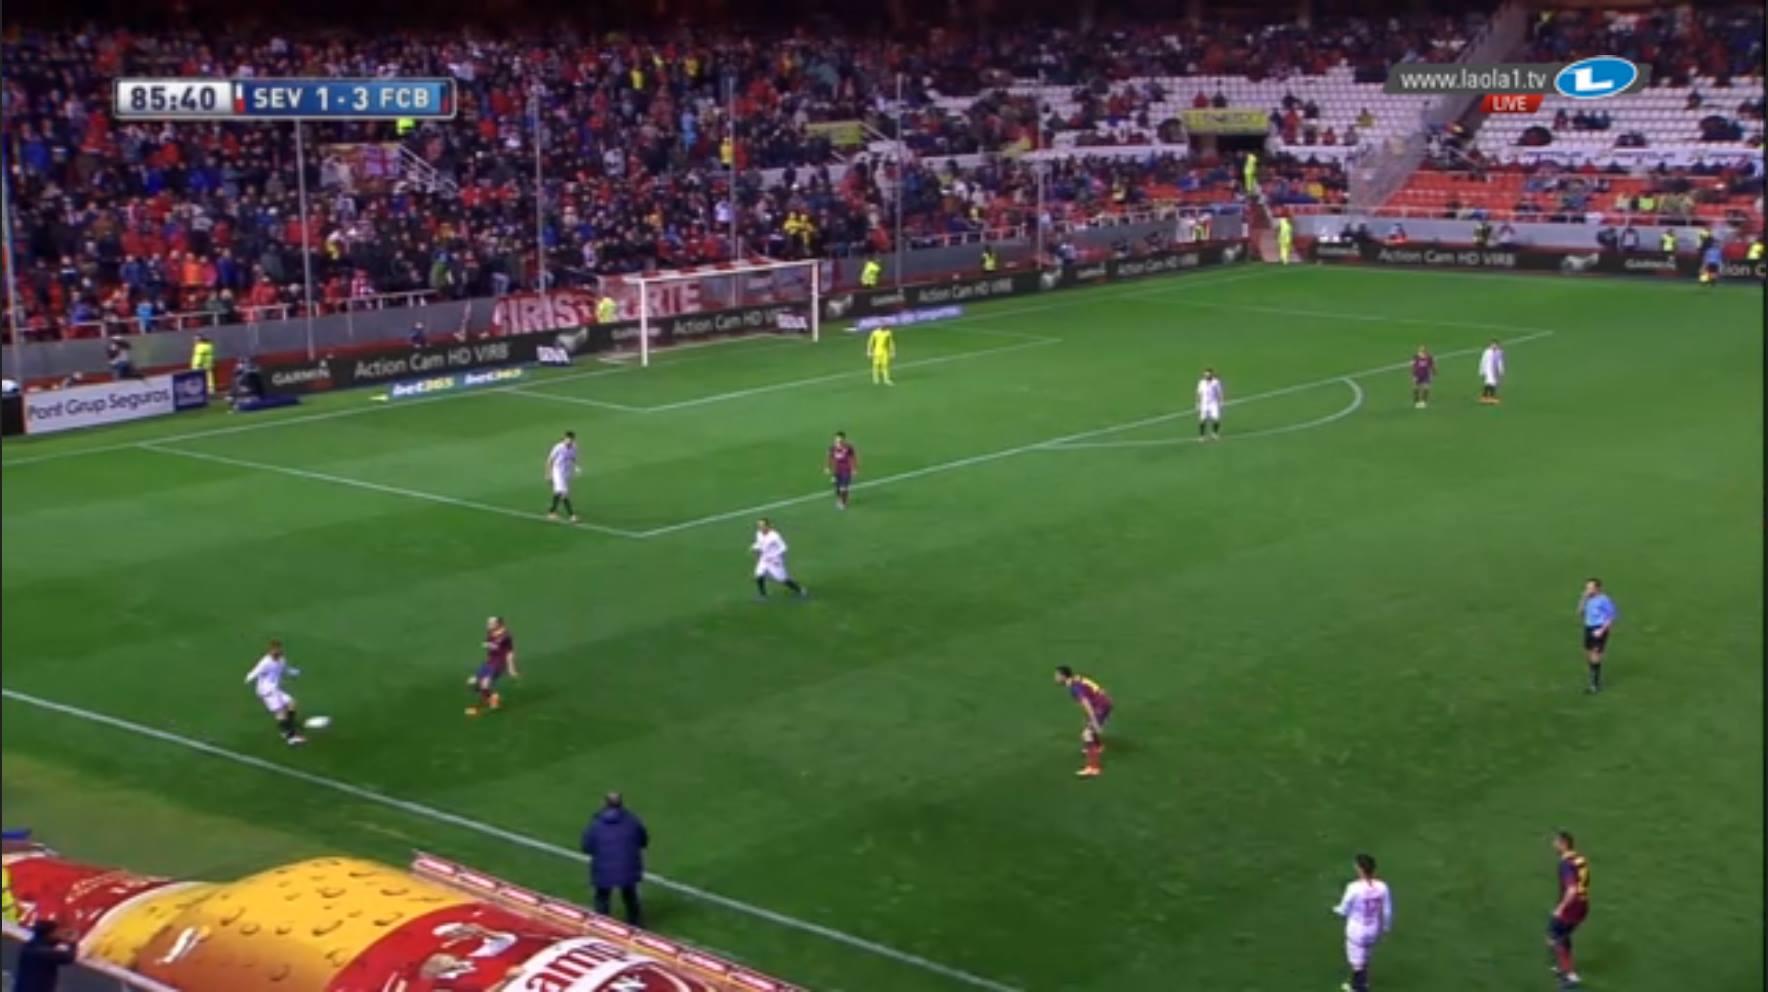 Was Sevilla kann, können wir auch, denkt sich Barcelona. Aber sie machen es nicht über Manndeckung, sondern über den Deckungsschatten: Den Schiedsrichter decken.